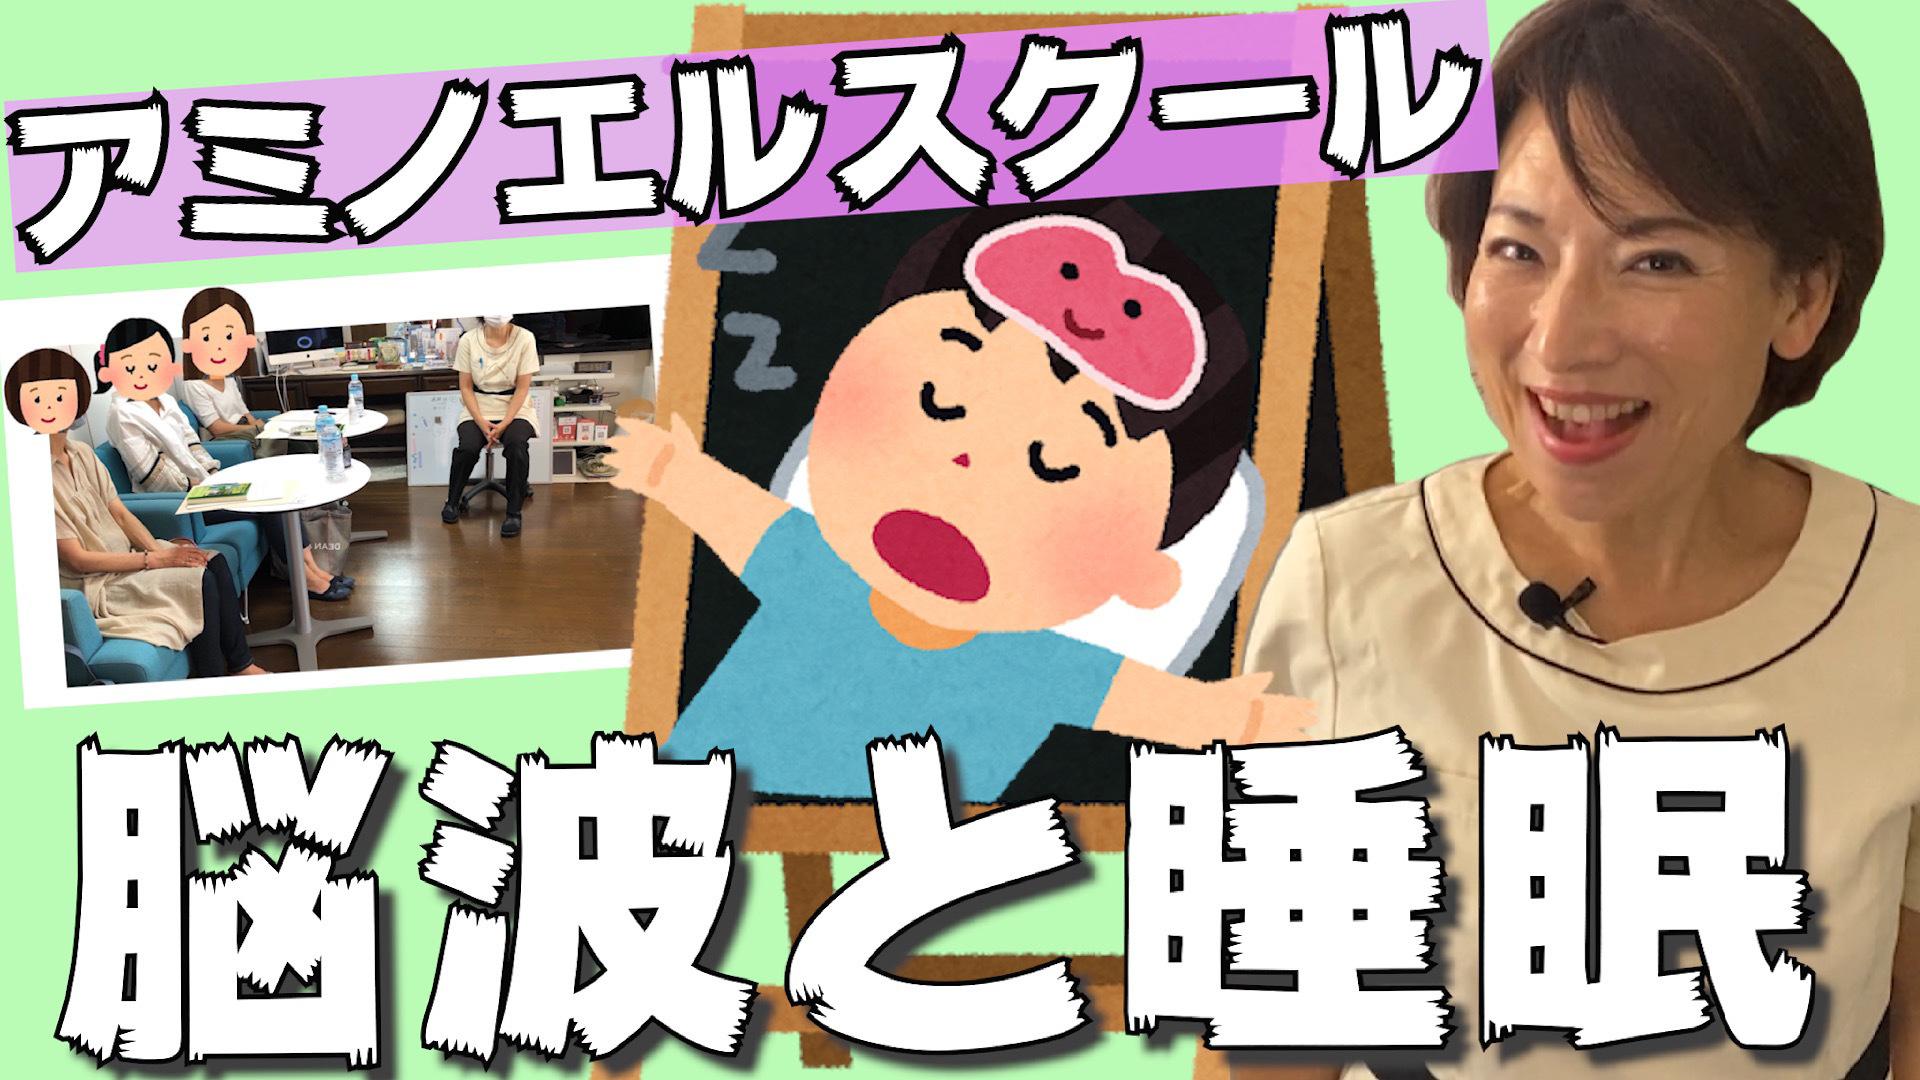 【動画】東京1day天空睡眠®︎ドライヘッドスパスペシャリスト開講_d0148449_21490598.jpeg